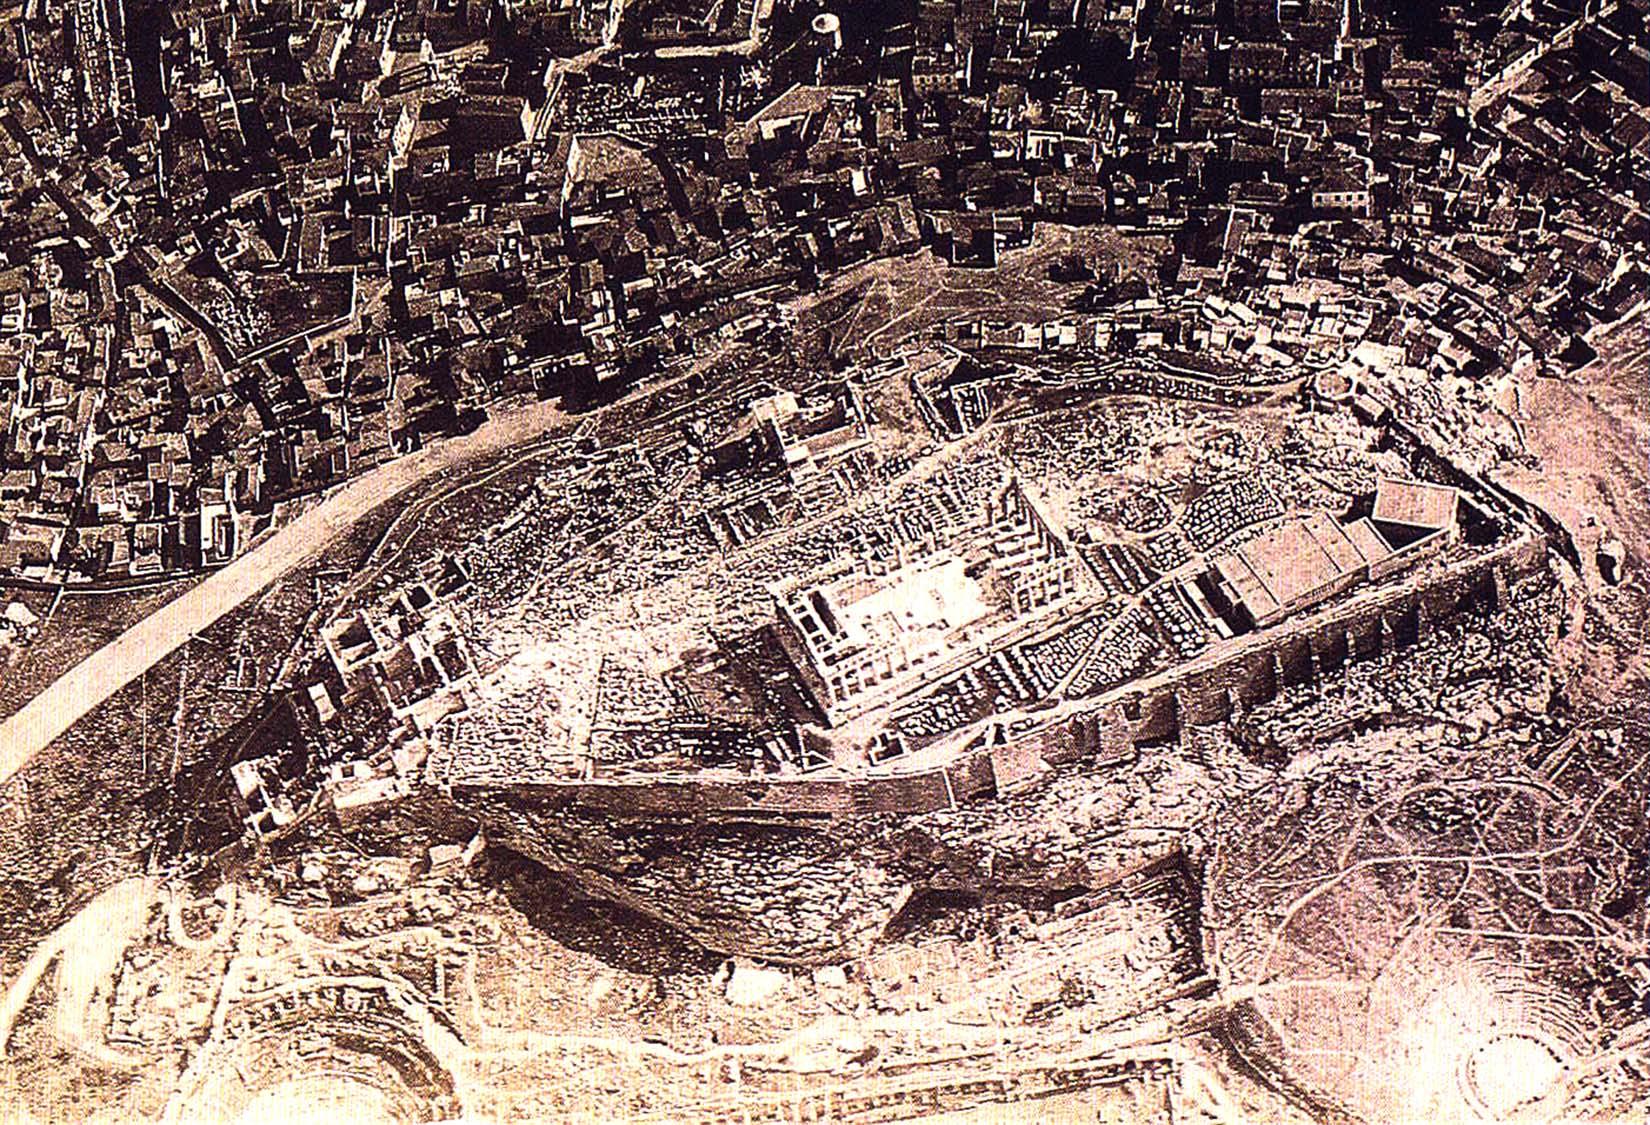 Η Ακρόπολη της Αθήνας | Αεροφωτογραφία του 1917